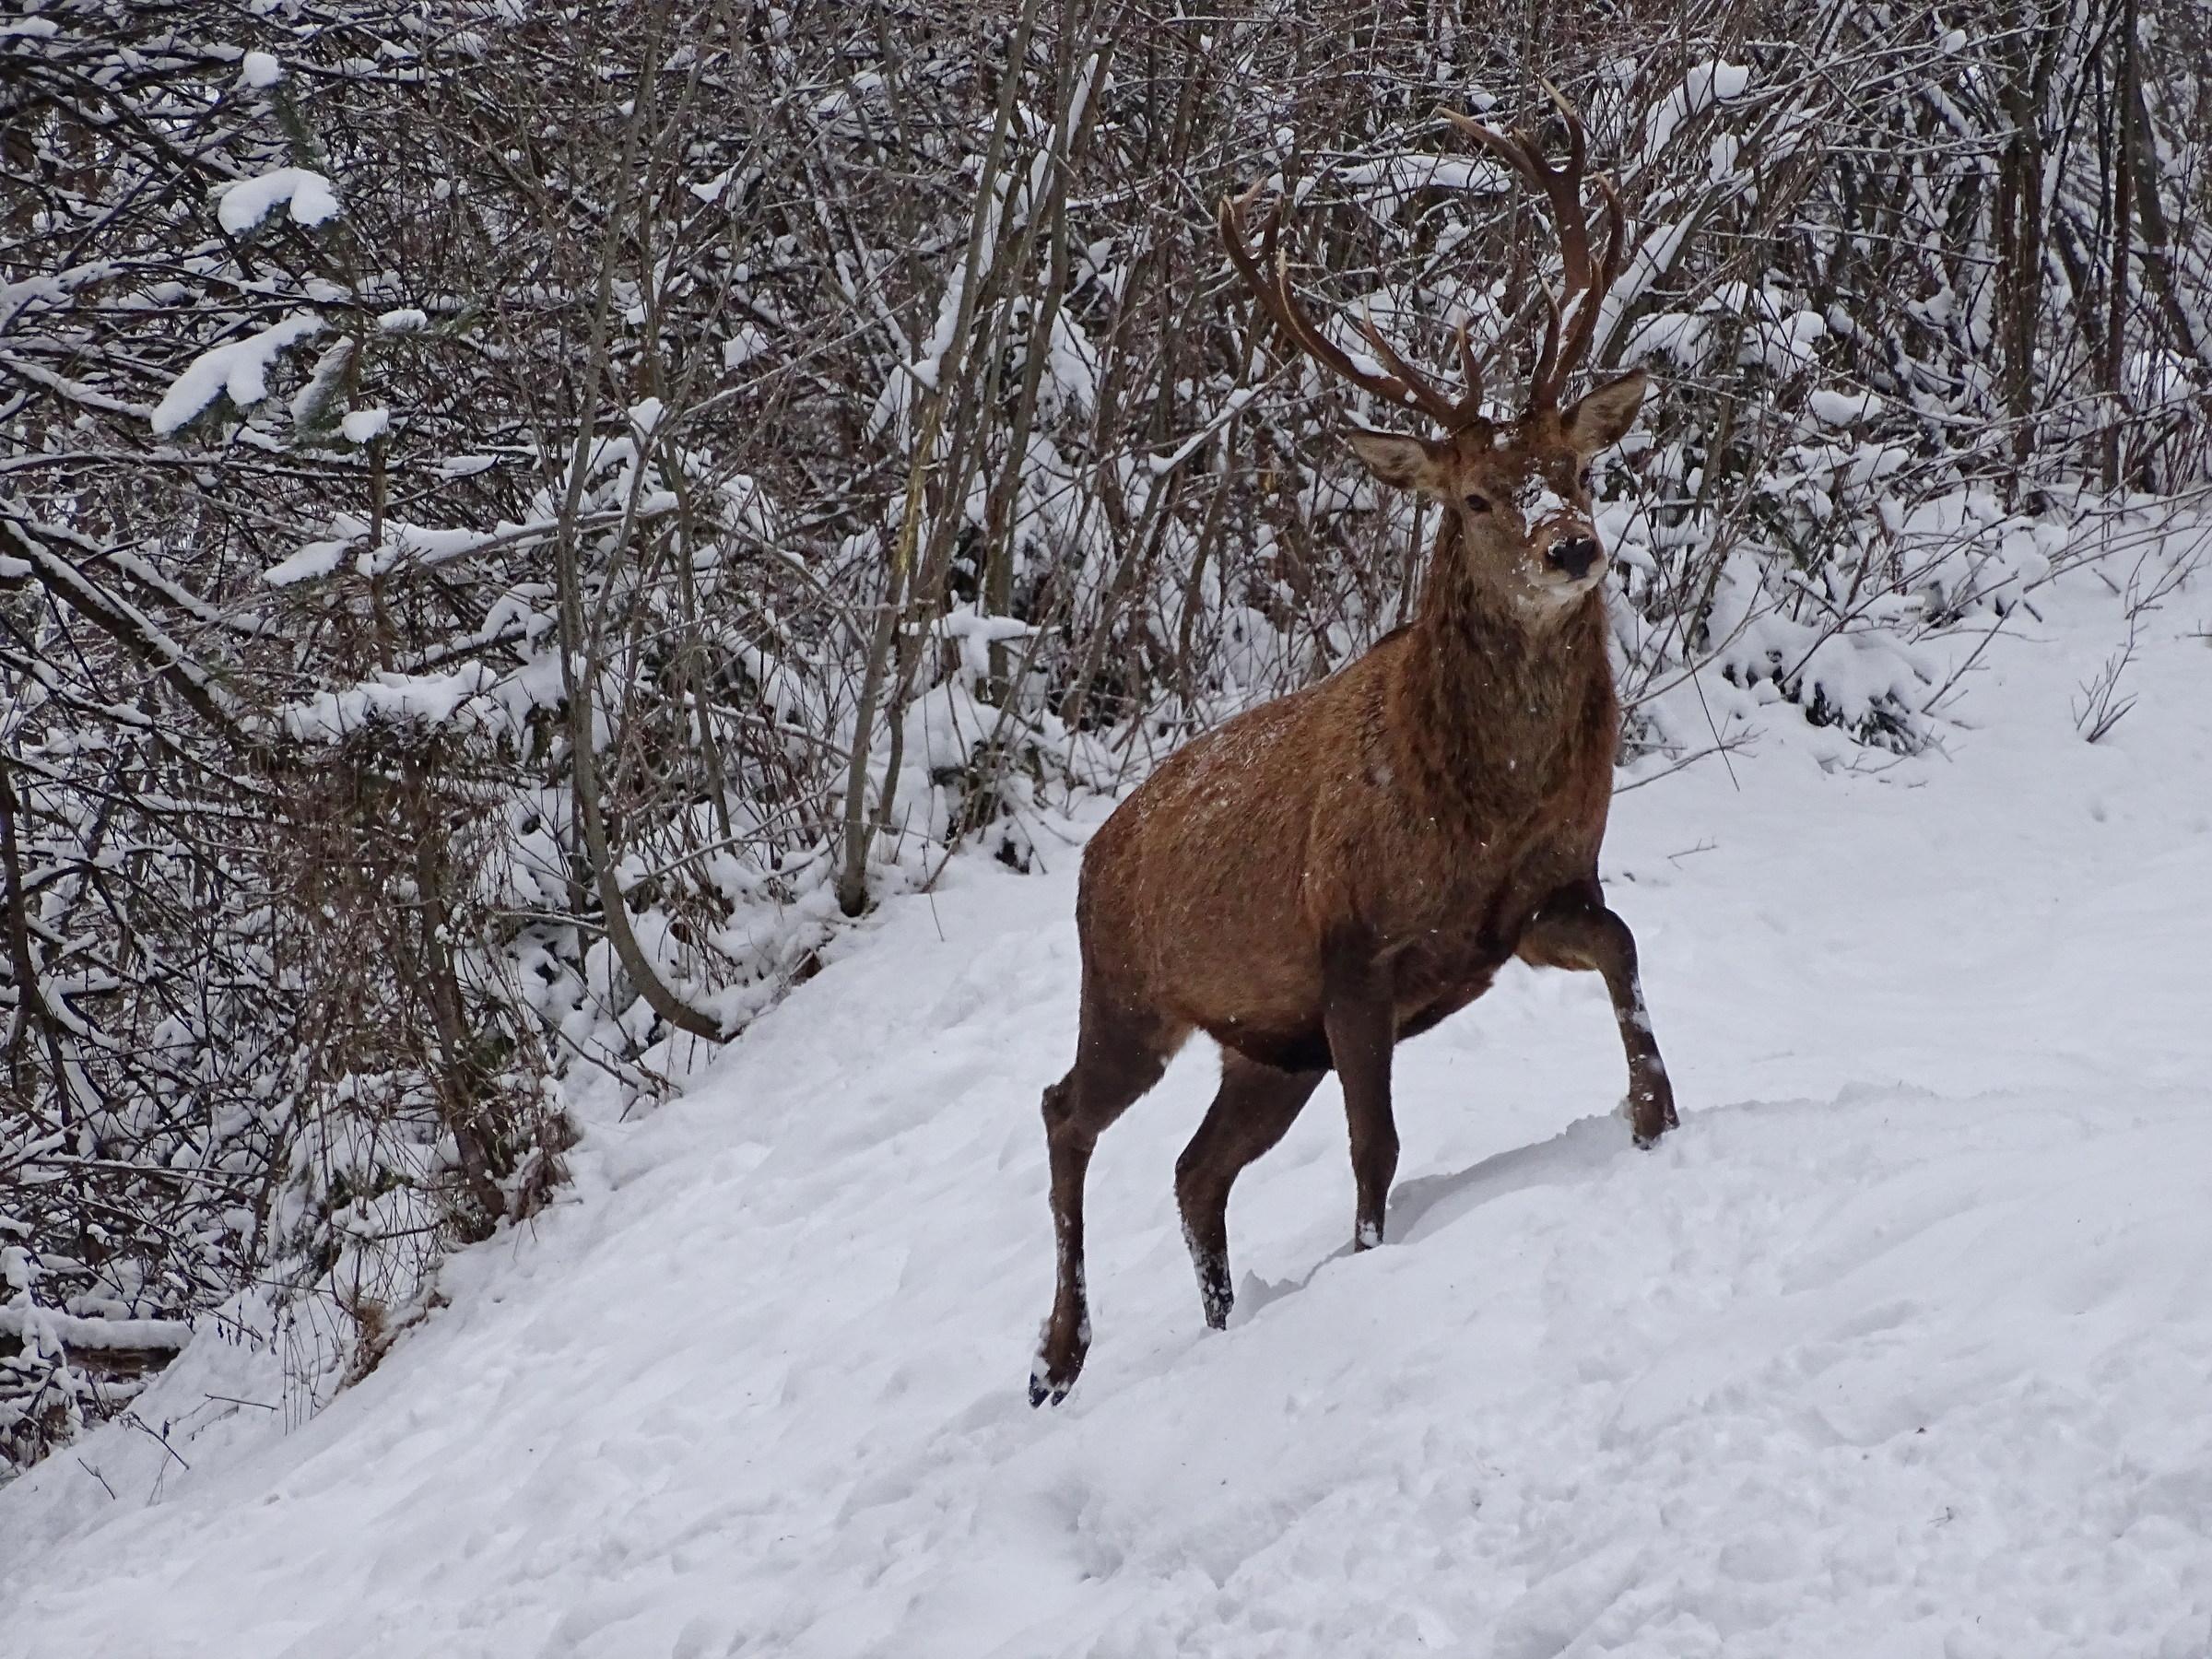 Il re del bosco dietro casa...